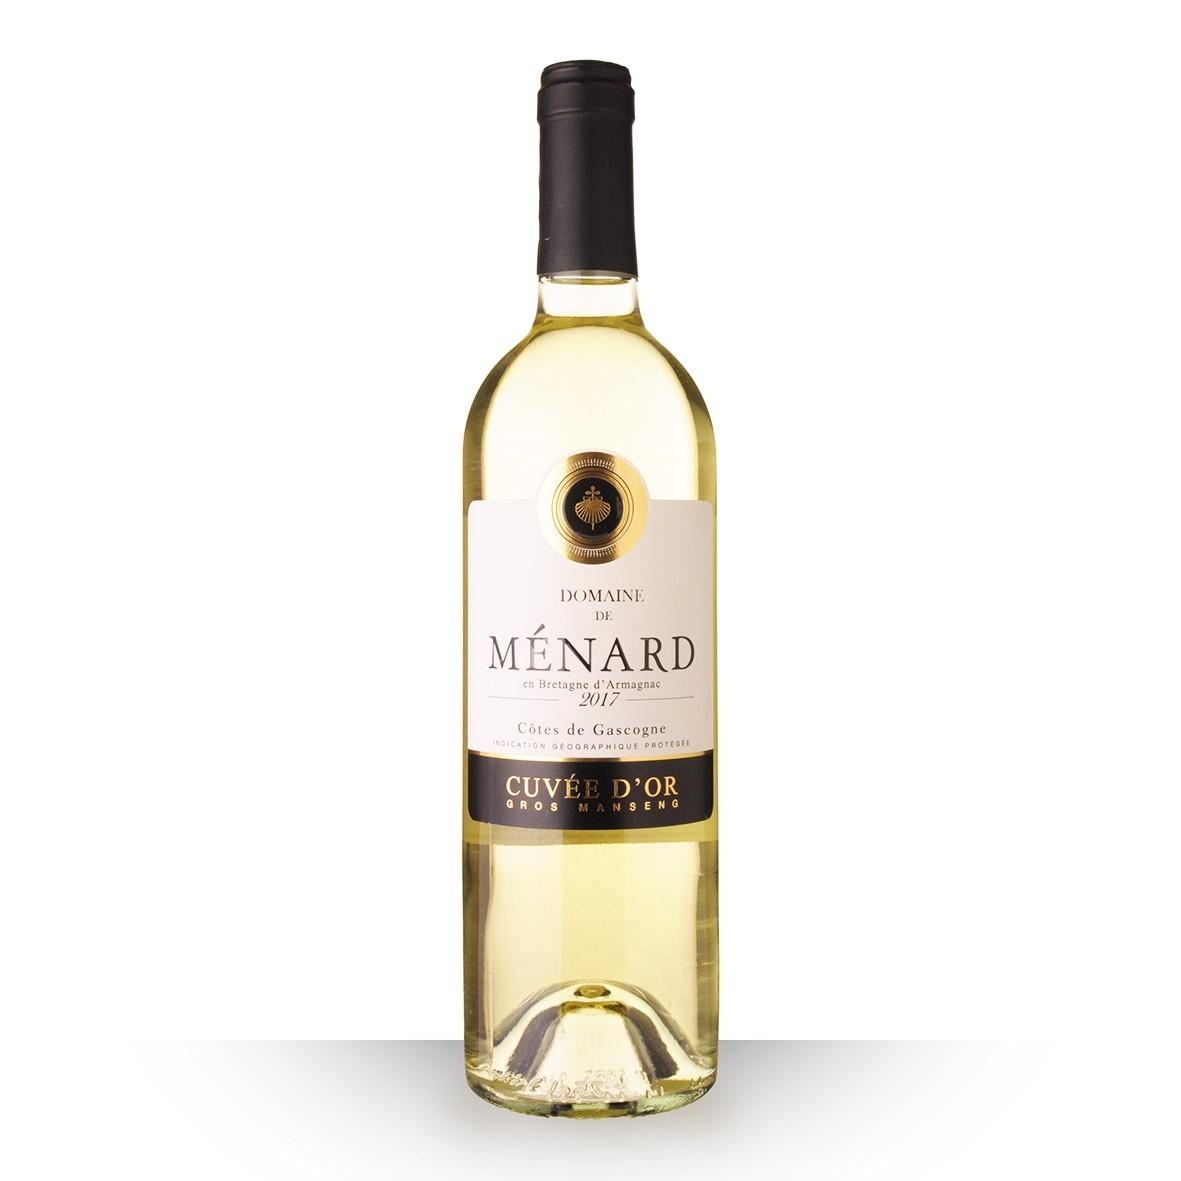 Domaine de Ménard Cuvée dOr Côtes de Gascogne Blanc 2017 75cl www.odyssee-vins.com